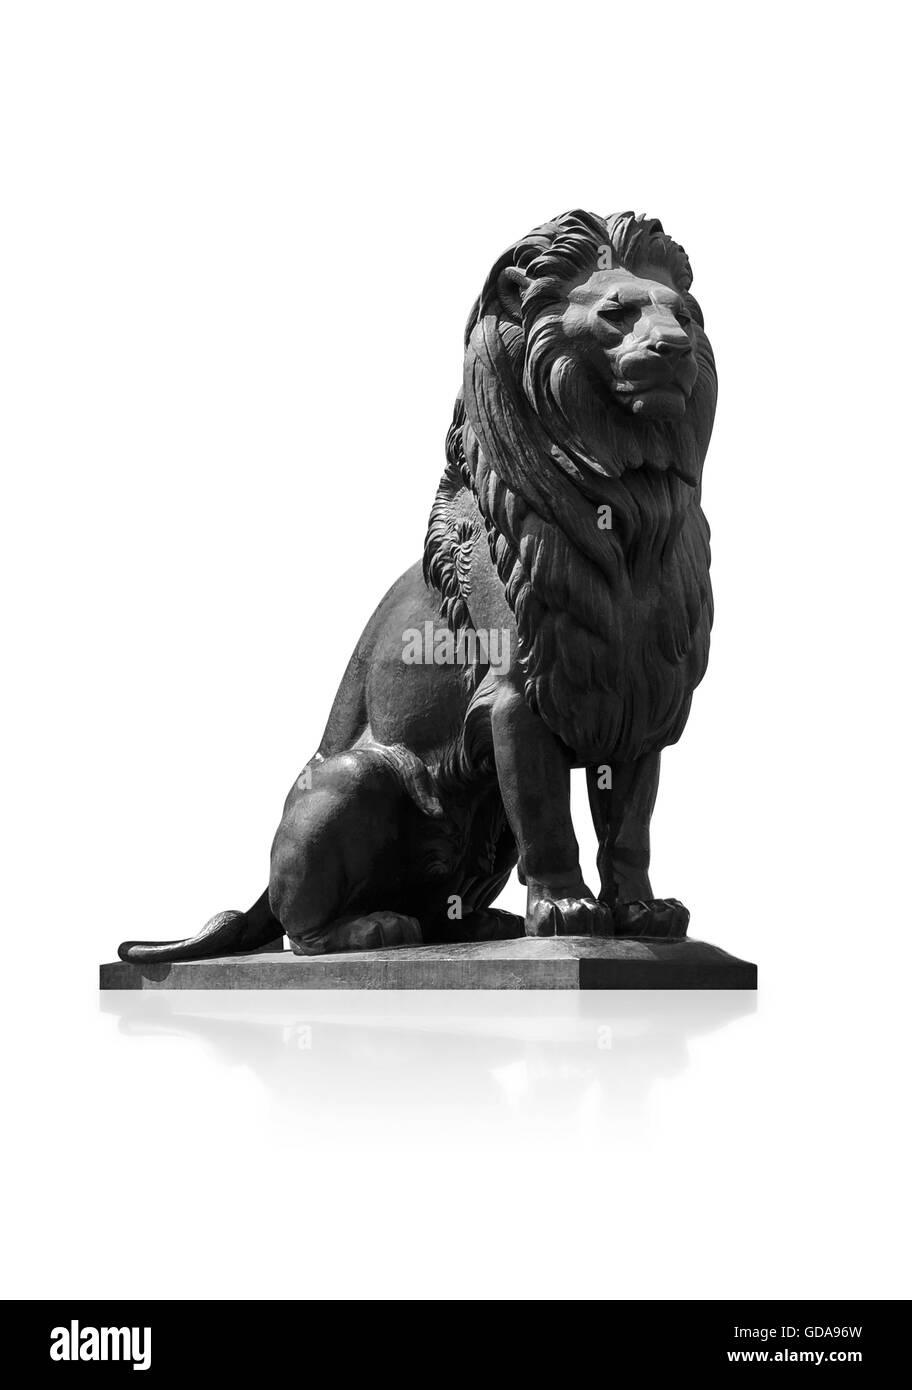 Qasr El-Nile Lion Statue Isolated on White Background - Stock Image